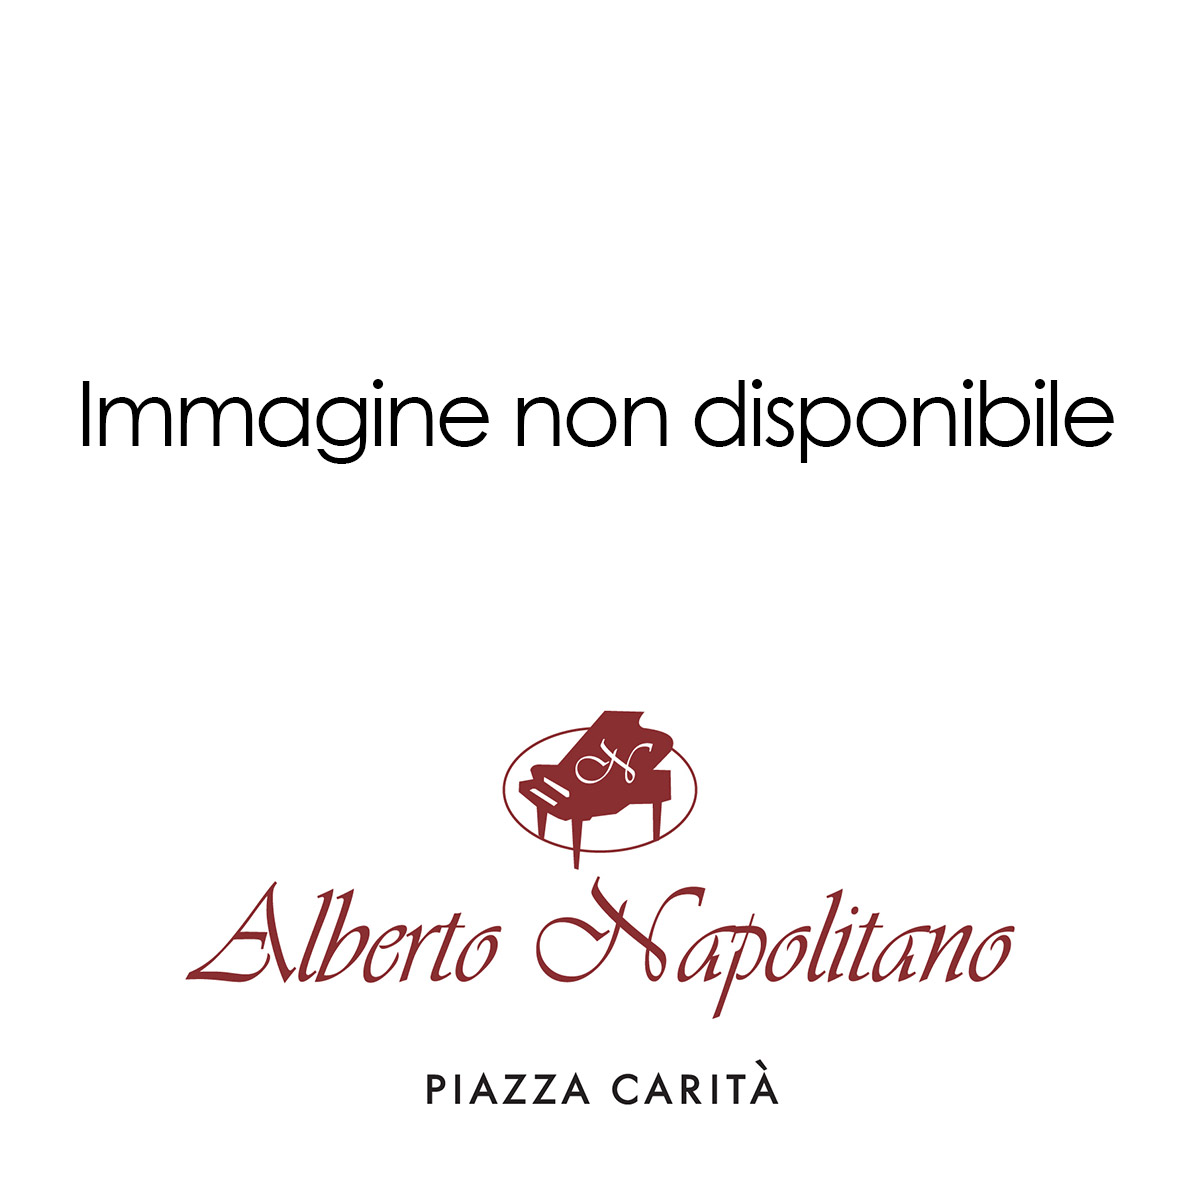 Immagine non disponibile - Alberto Napolitano Pianoforti Napoli